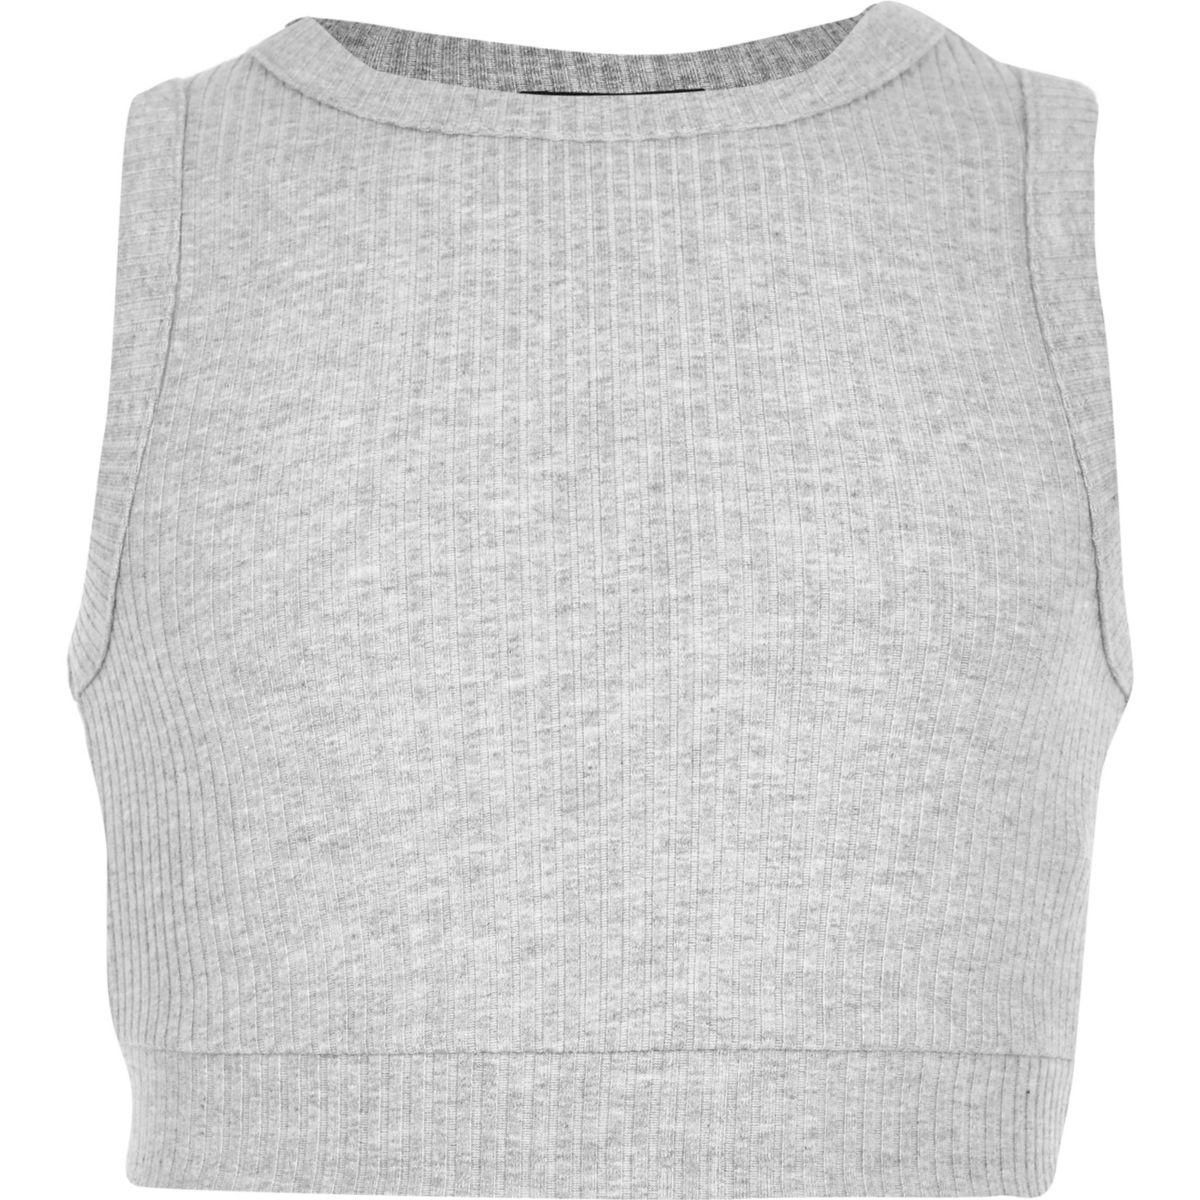 Crop top gris chiné côtelé pour fille